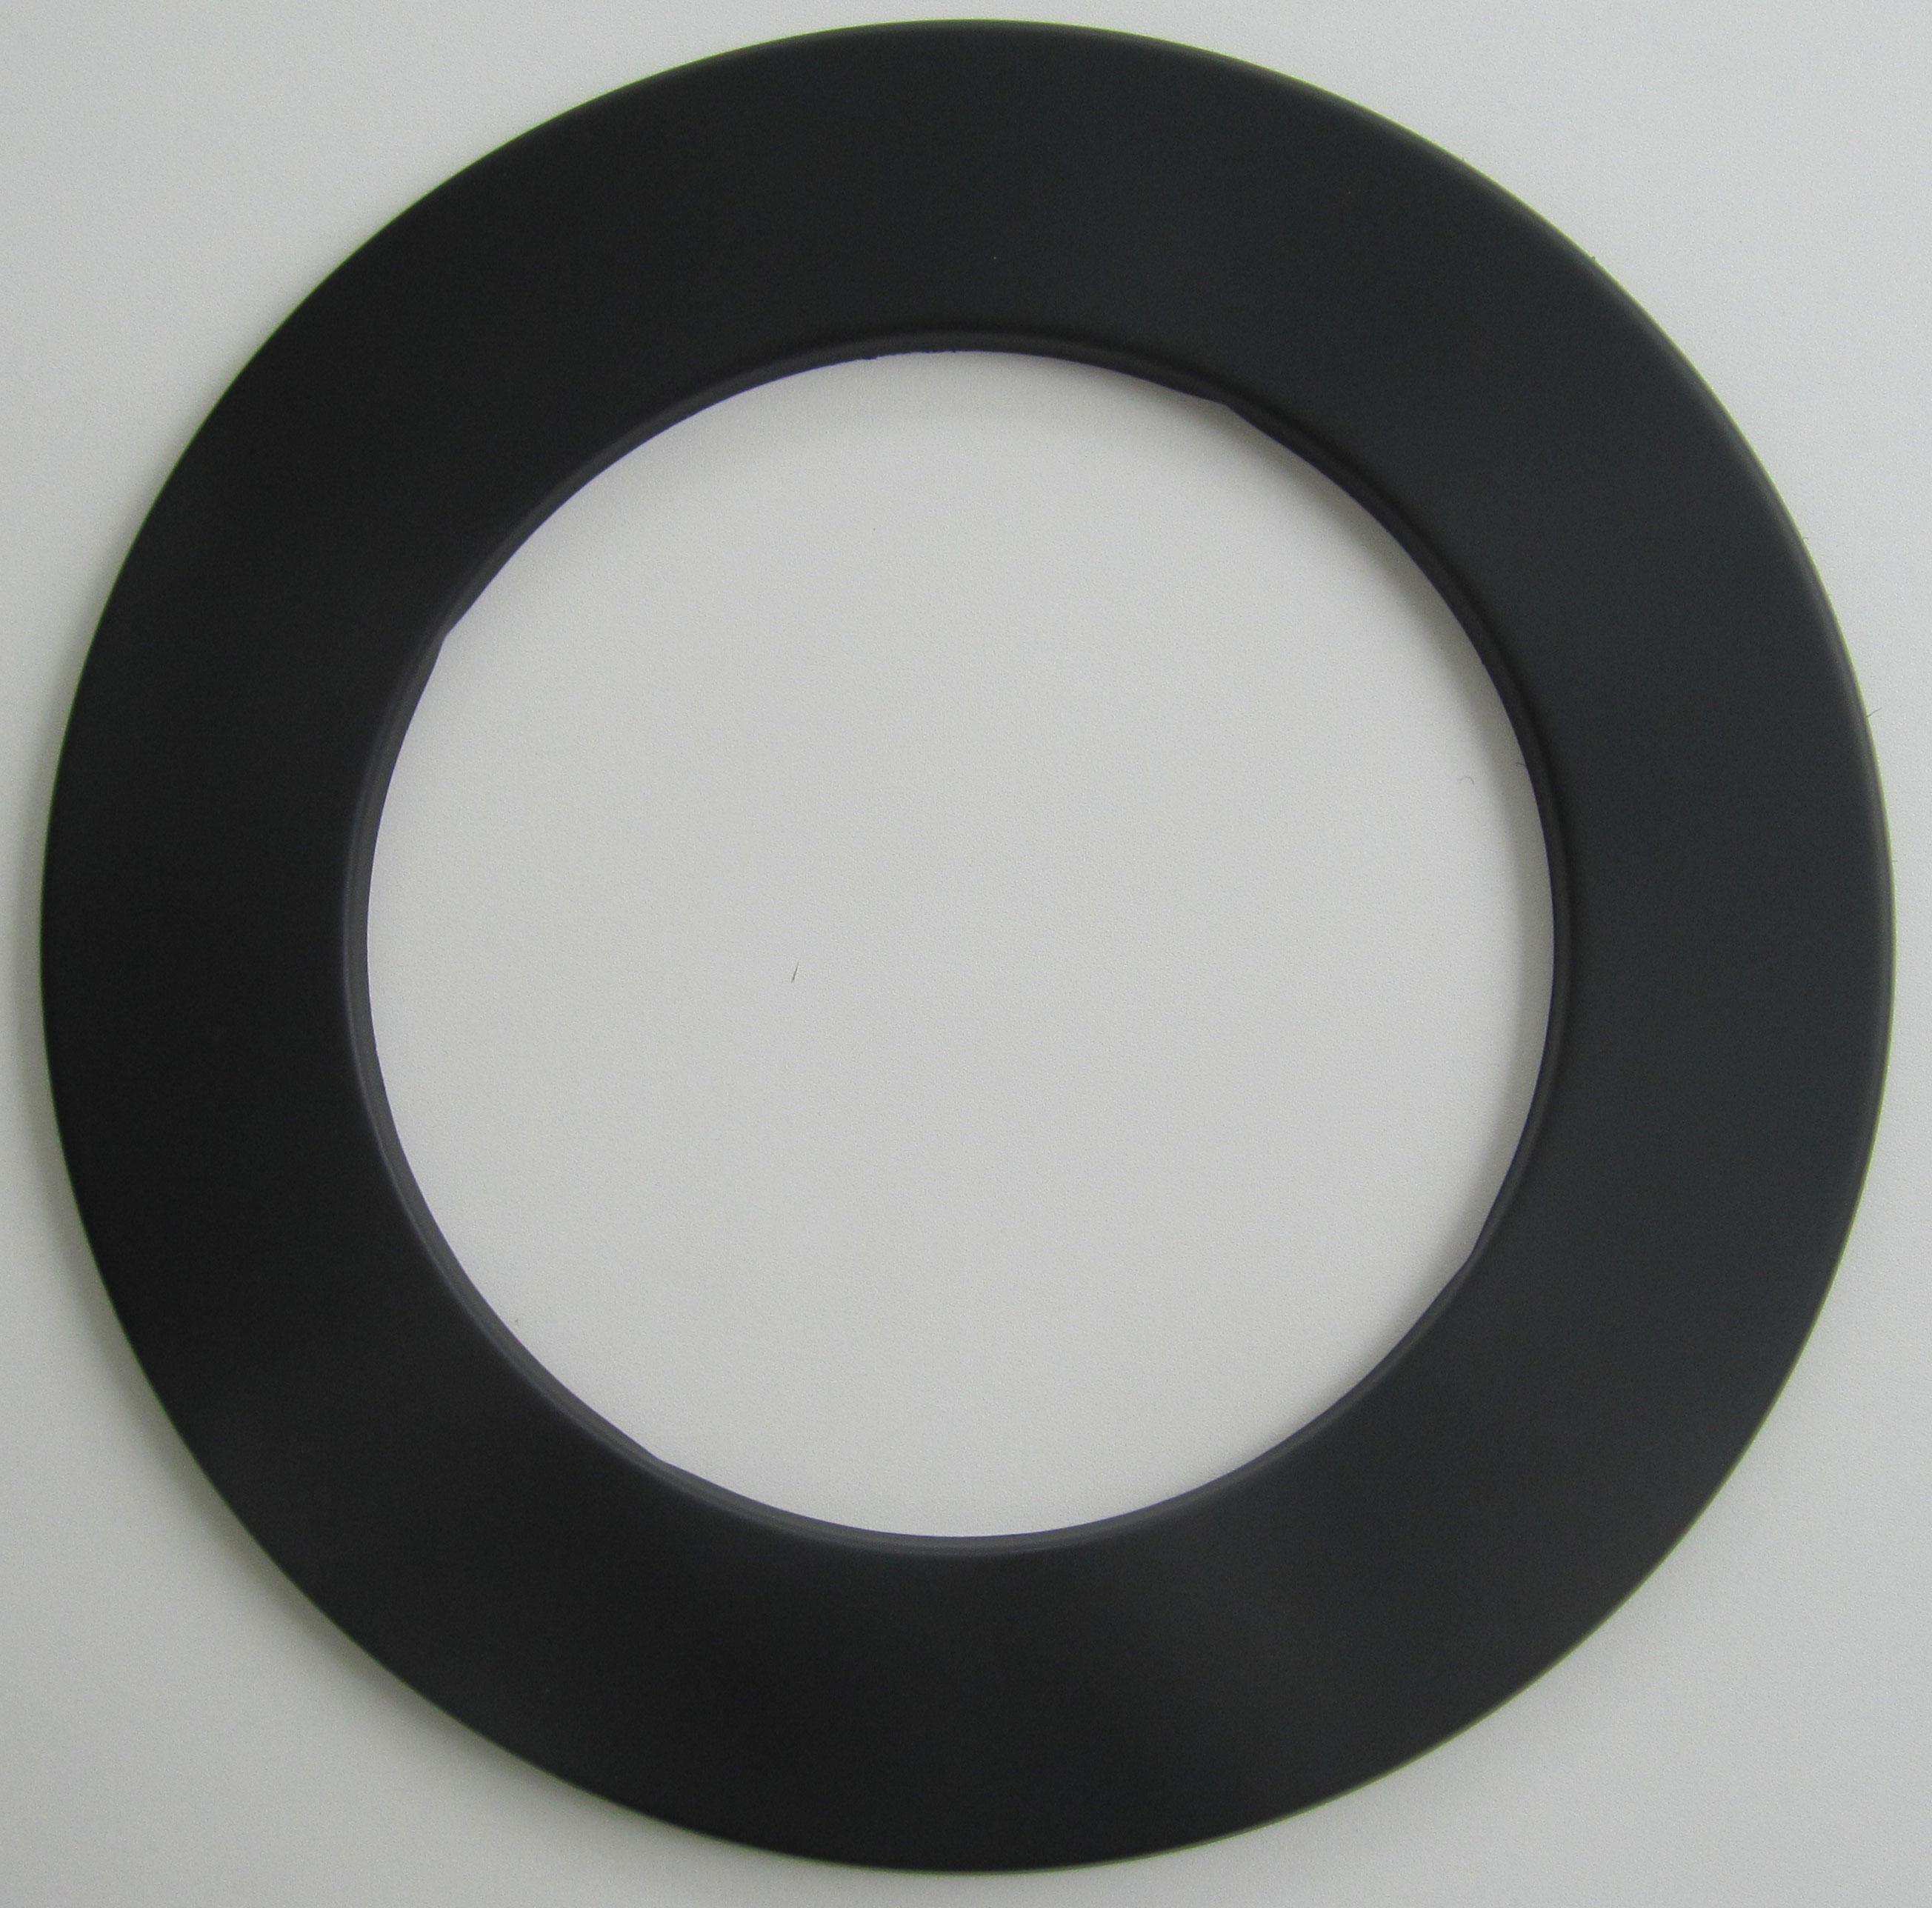 Rauchrohr-Rosette schwarz Ø 130 mm Bild 1